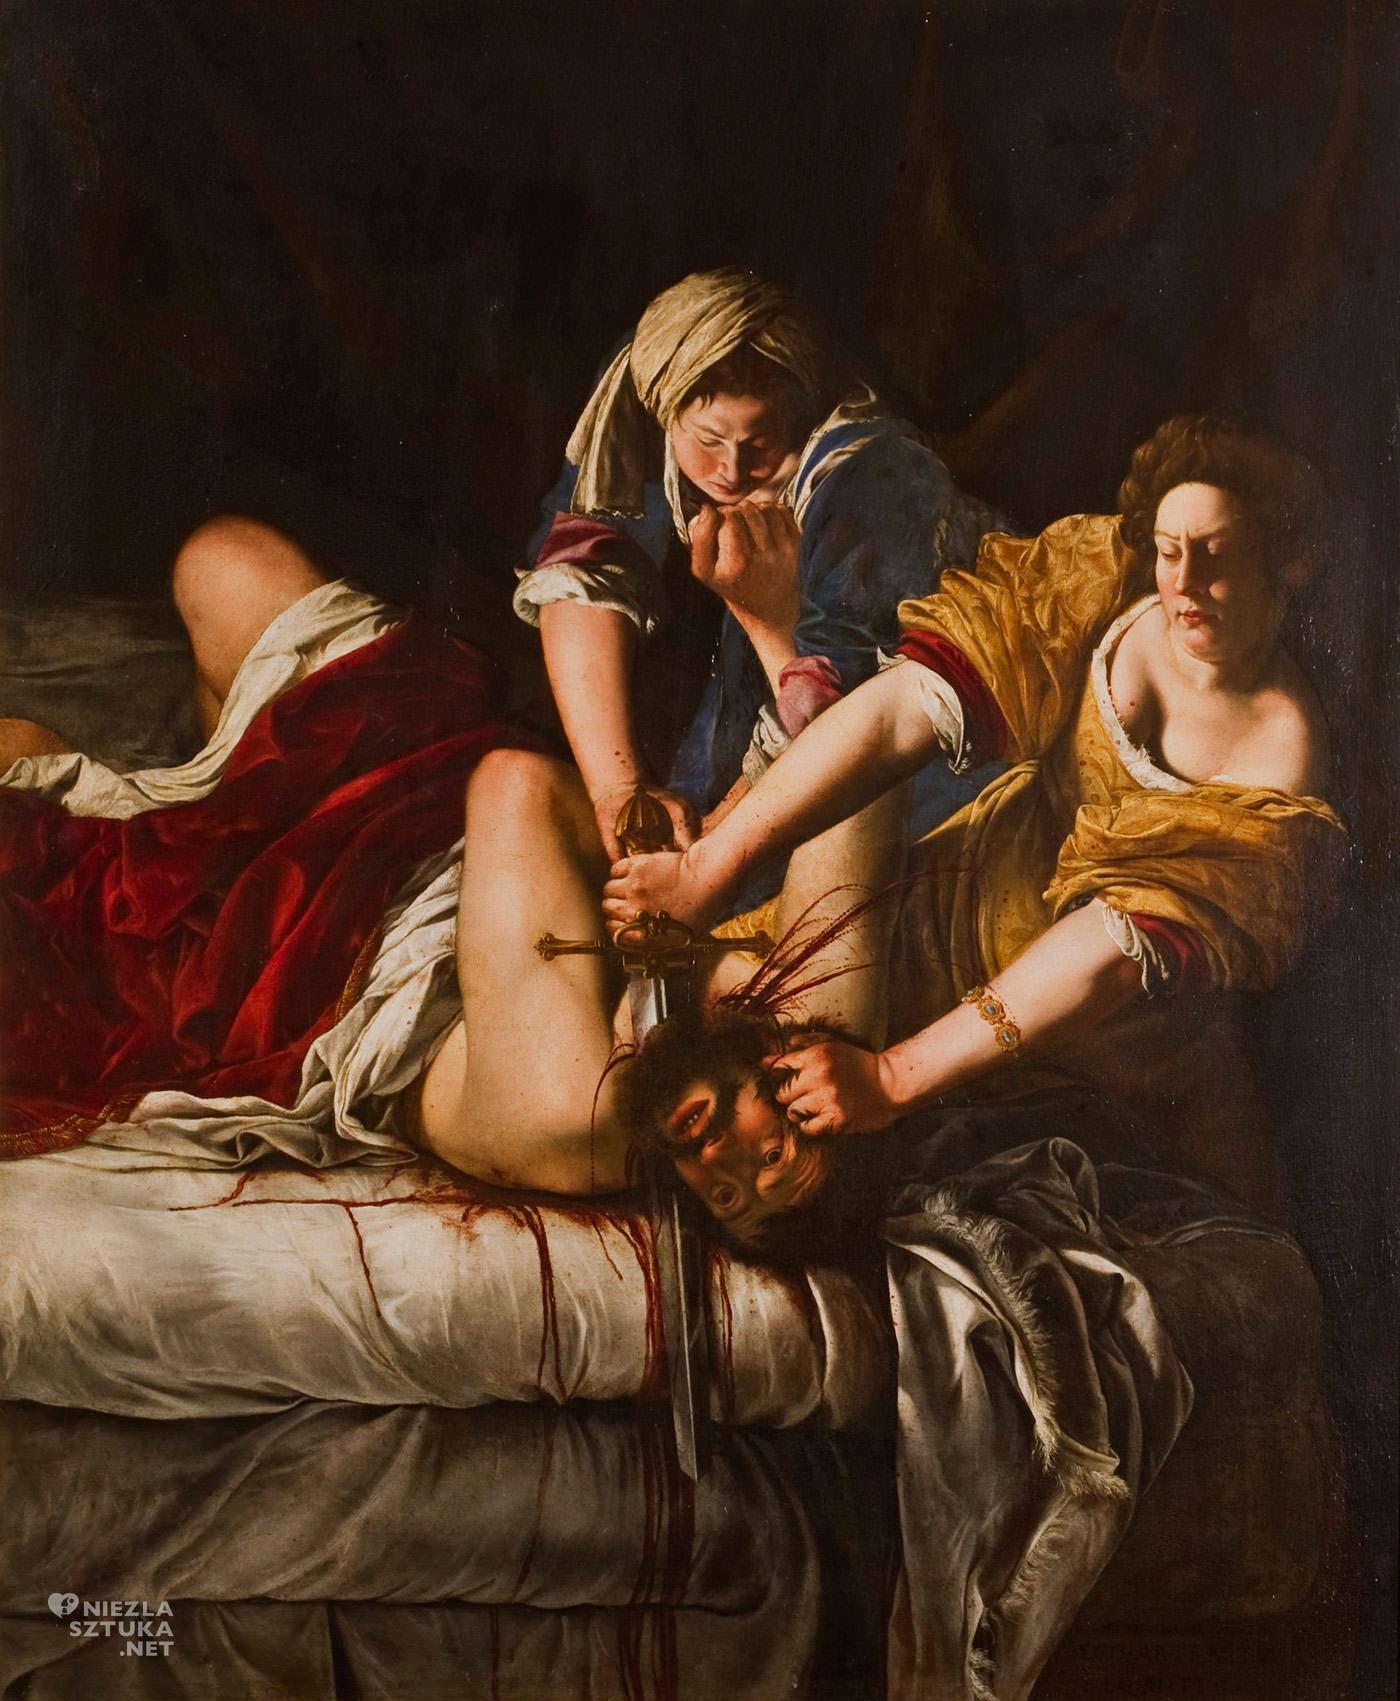 Artemisia Gentileschi, Judyta i Holofernes, malarstwo barokowe, malarstwo włoskie, Niezła Sztuka